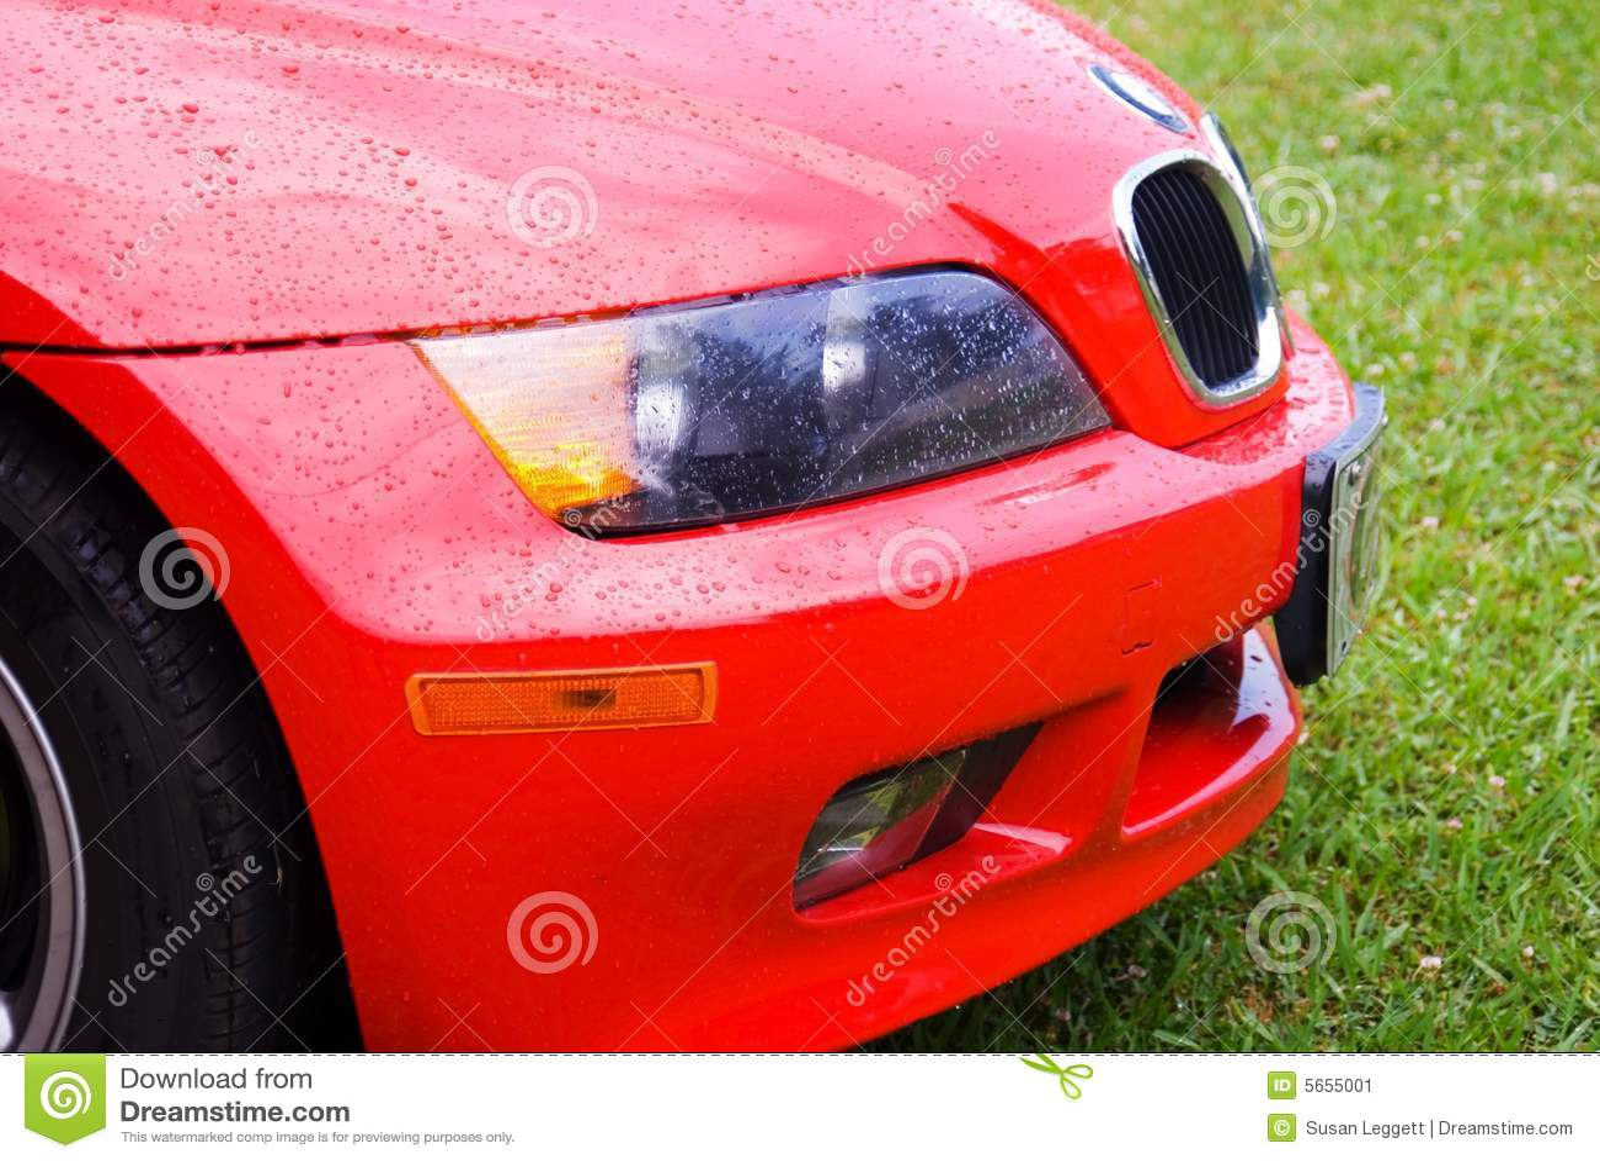 красный цвет дождя автомобиля